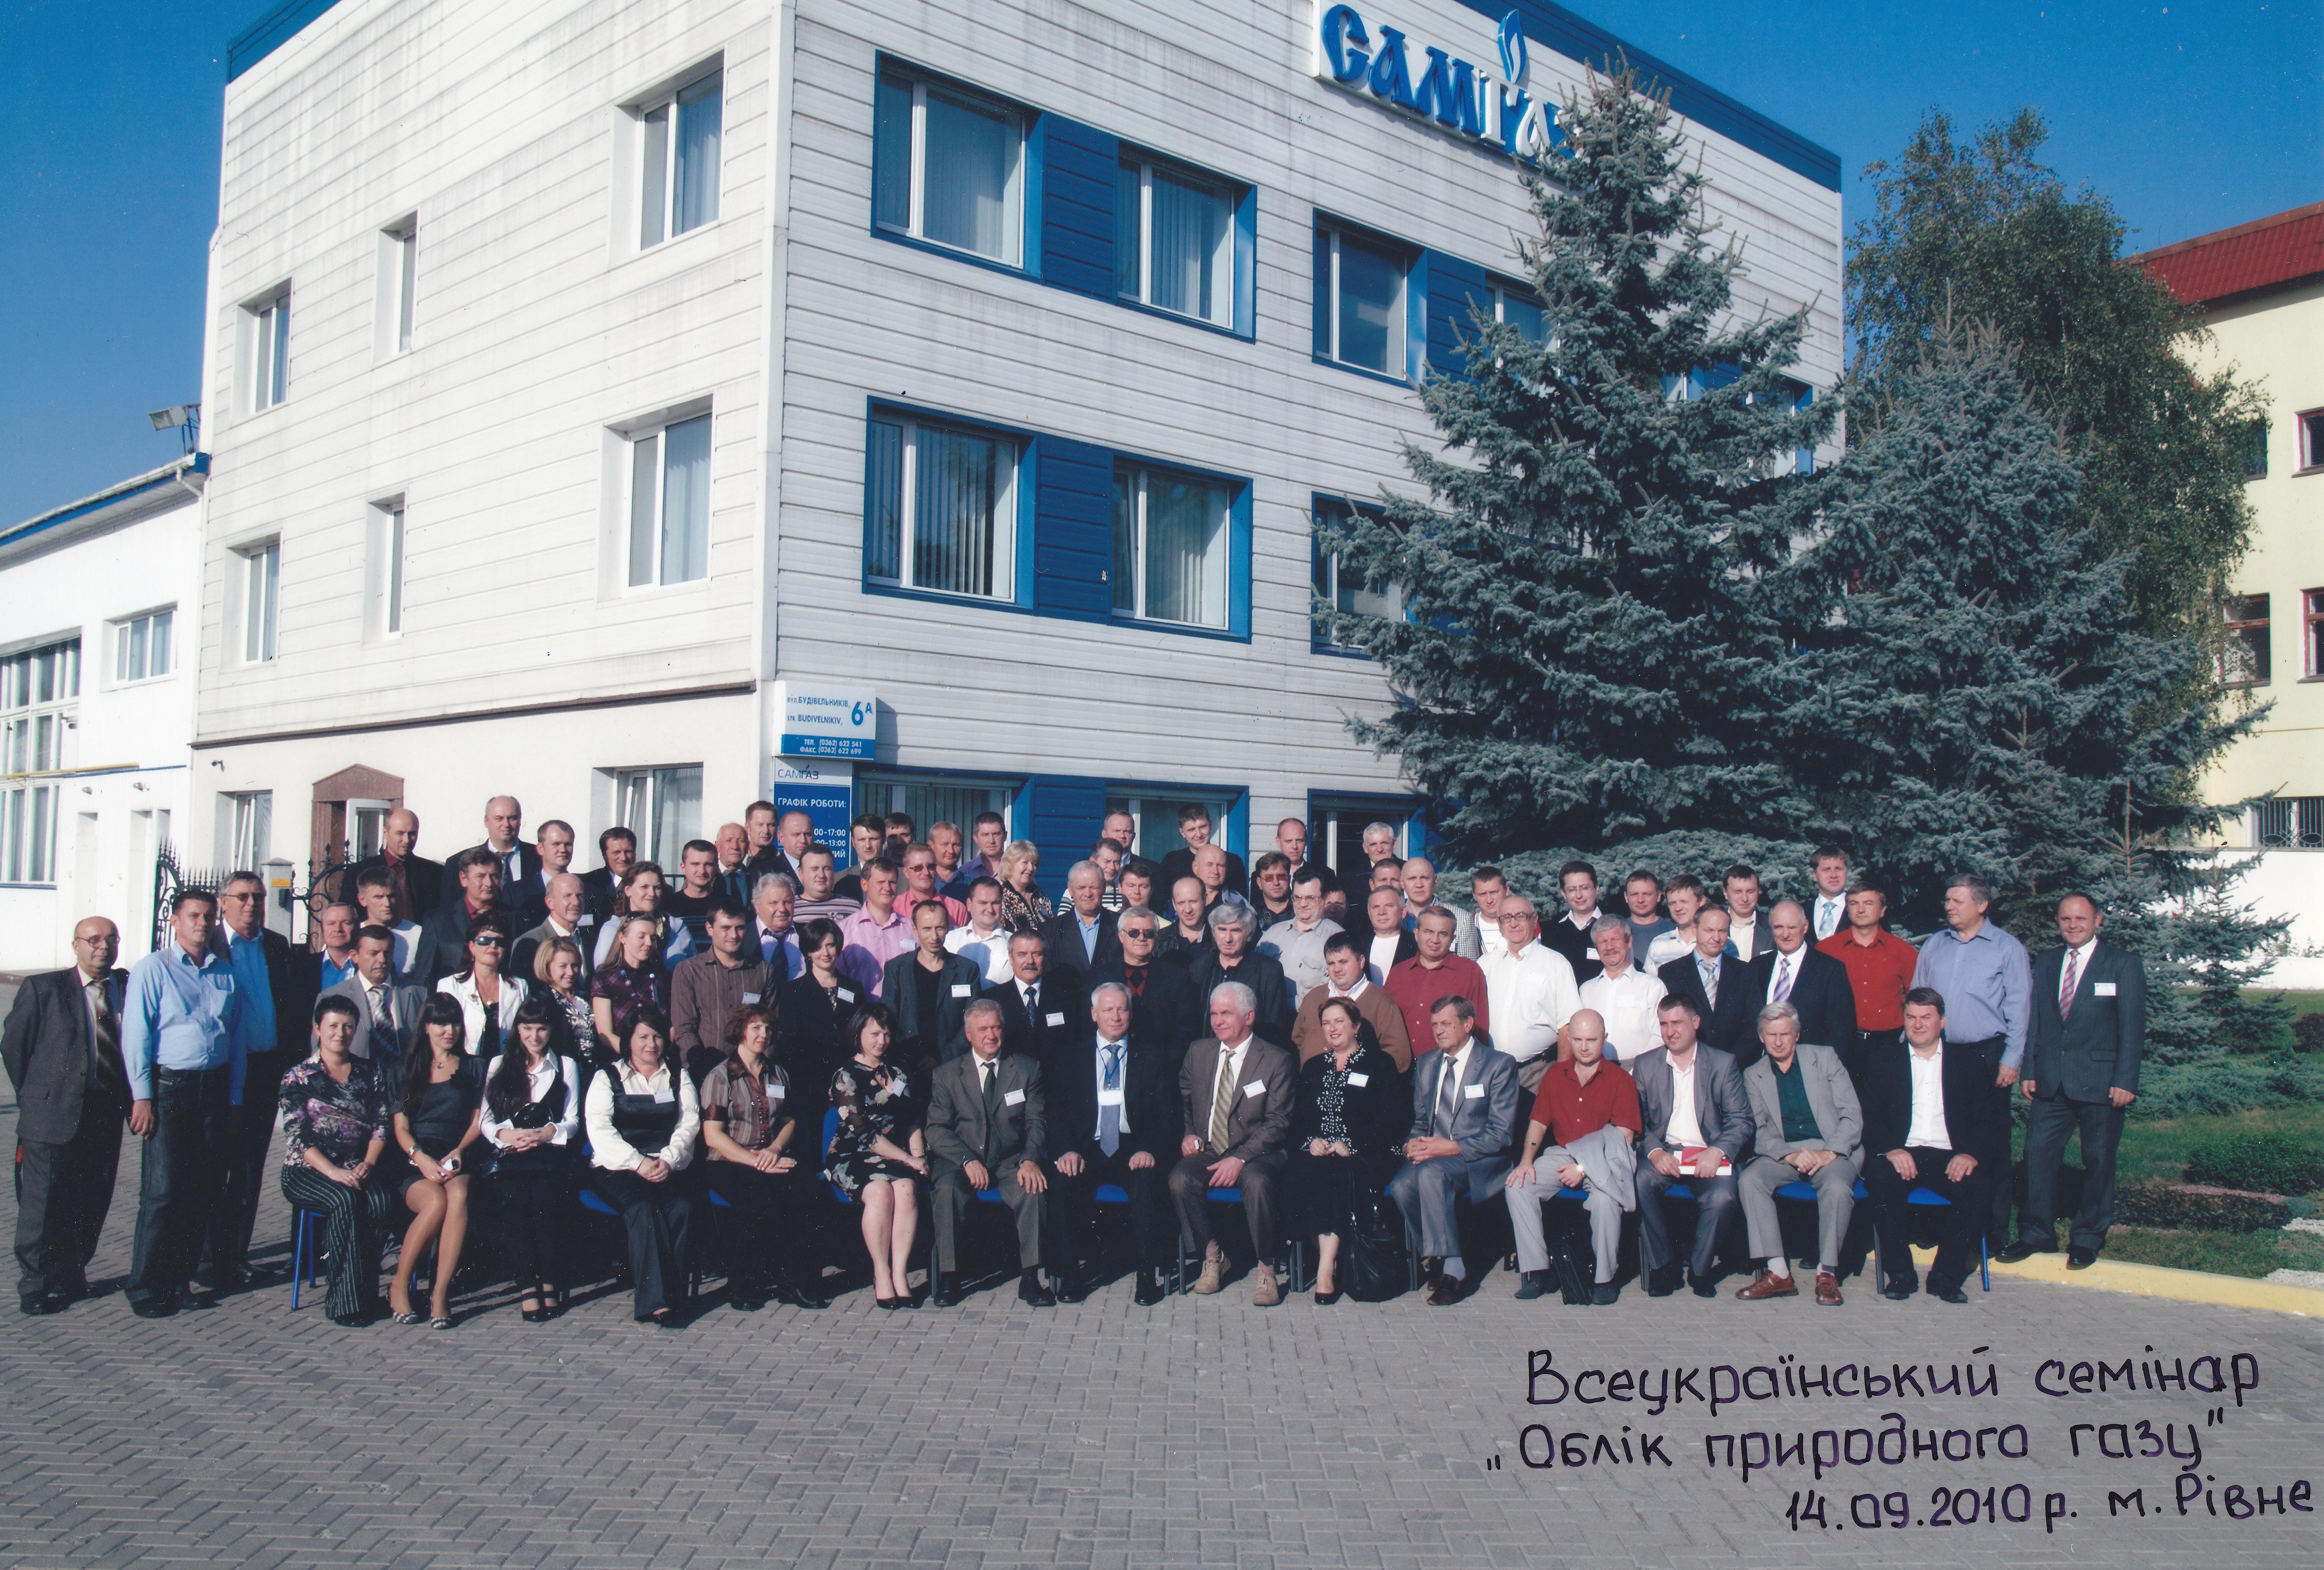 Проведение Всеукраинского семинара «Учет природного газа», м. Ровно 2010